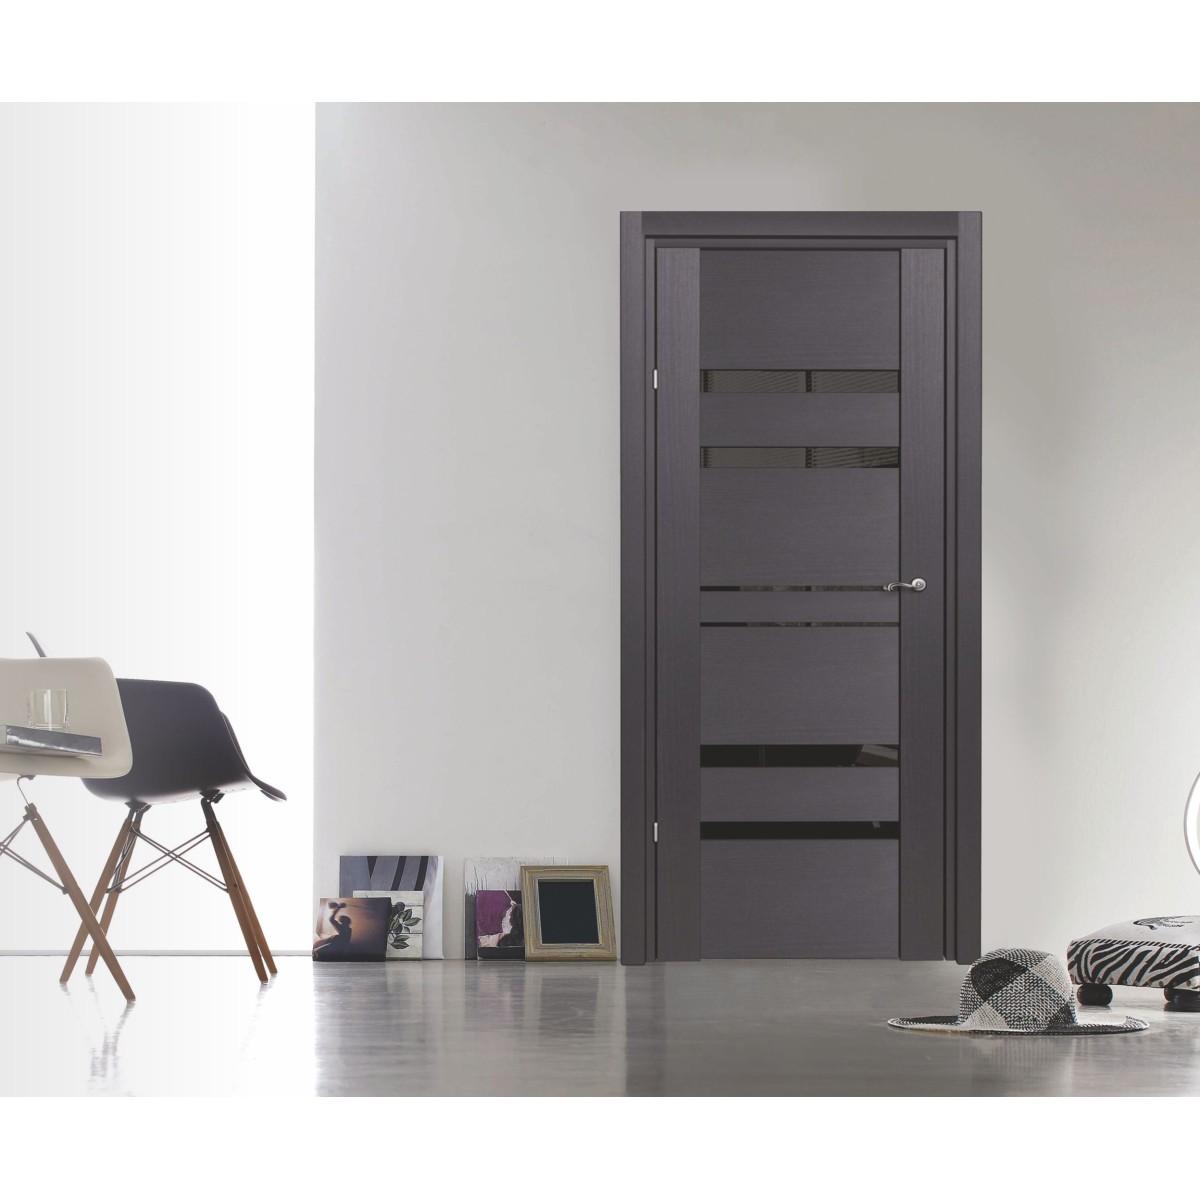 Дверь Межкомнатная Глухая C Замком И Петлями В Комплекте Artens Велдон 80x200 Hardflex Цвет Грей